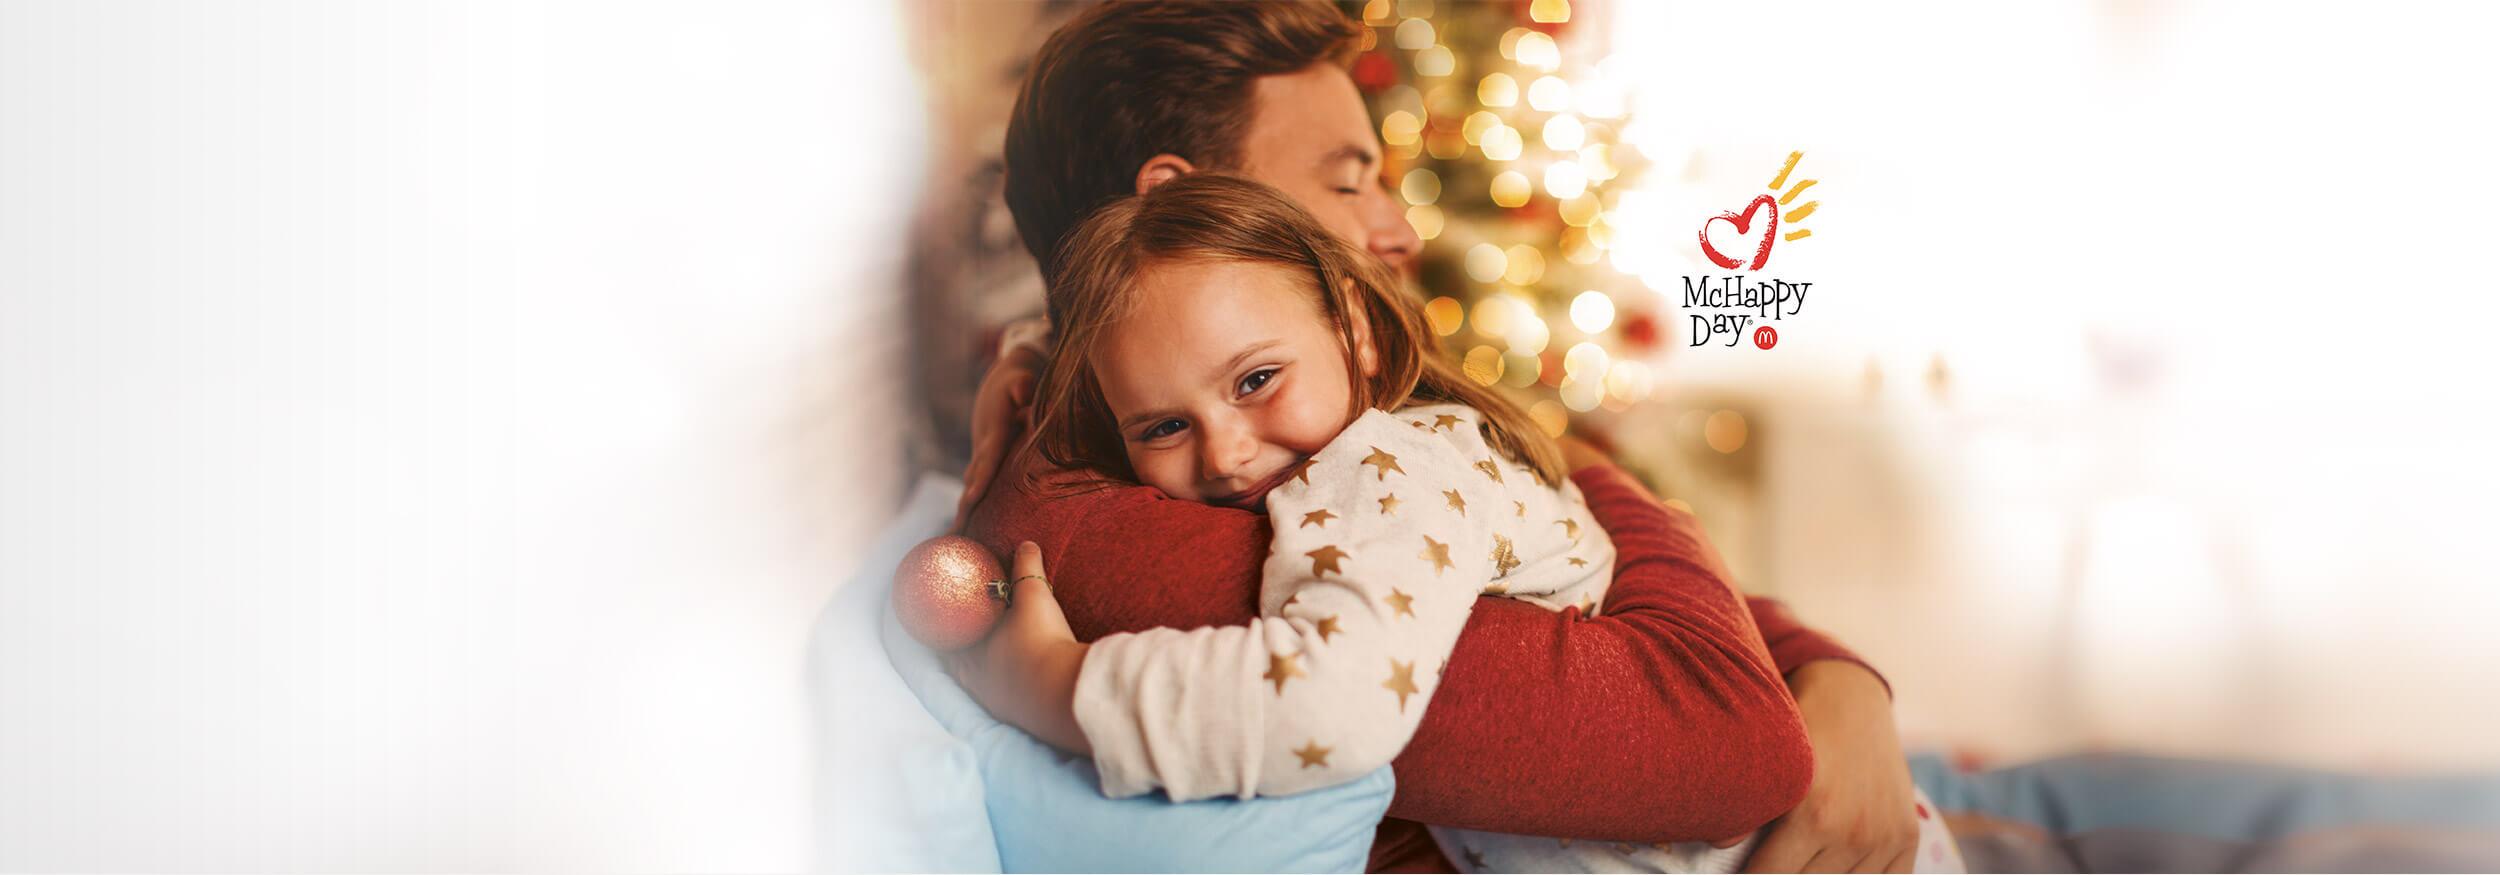 Durante le feste il dono più grande è stare insieme.